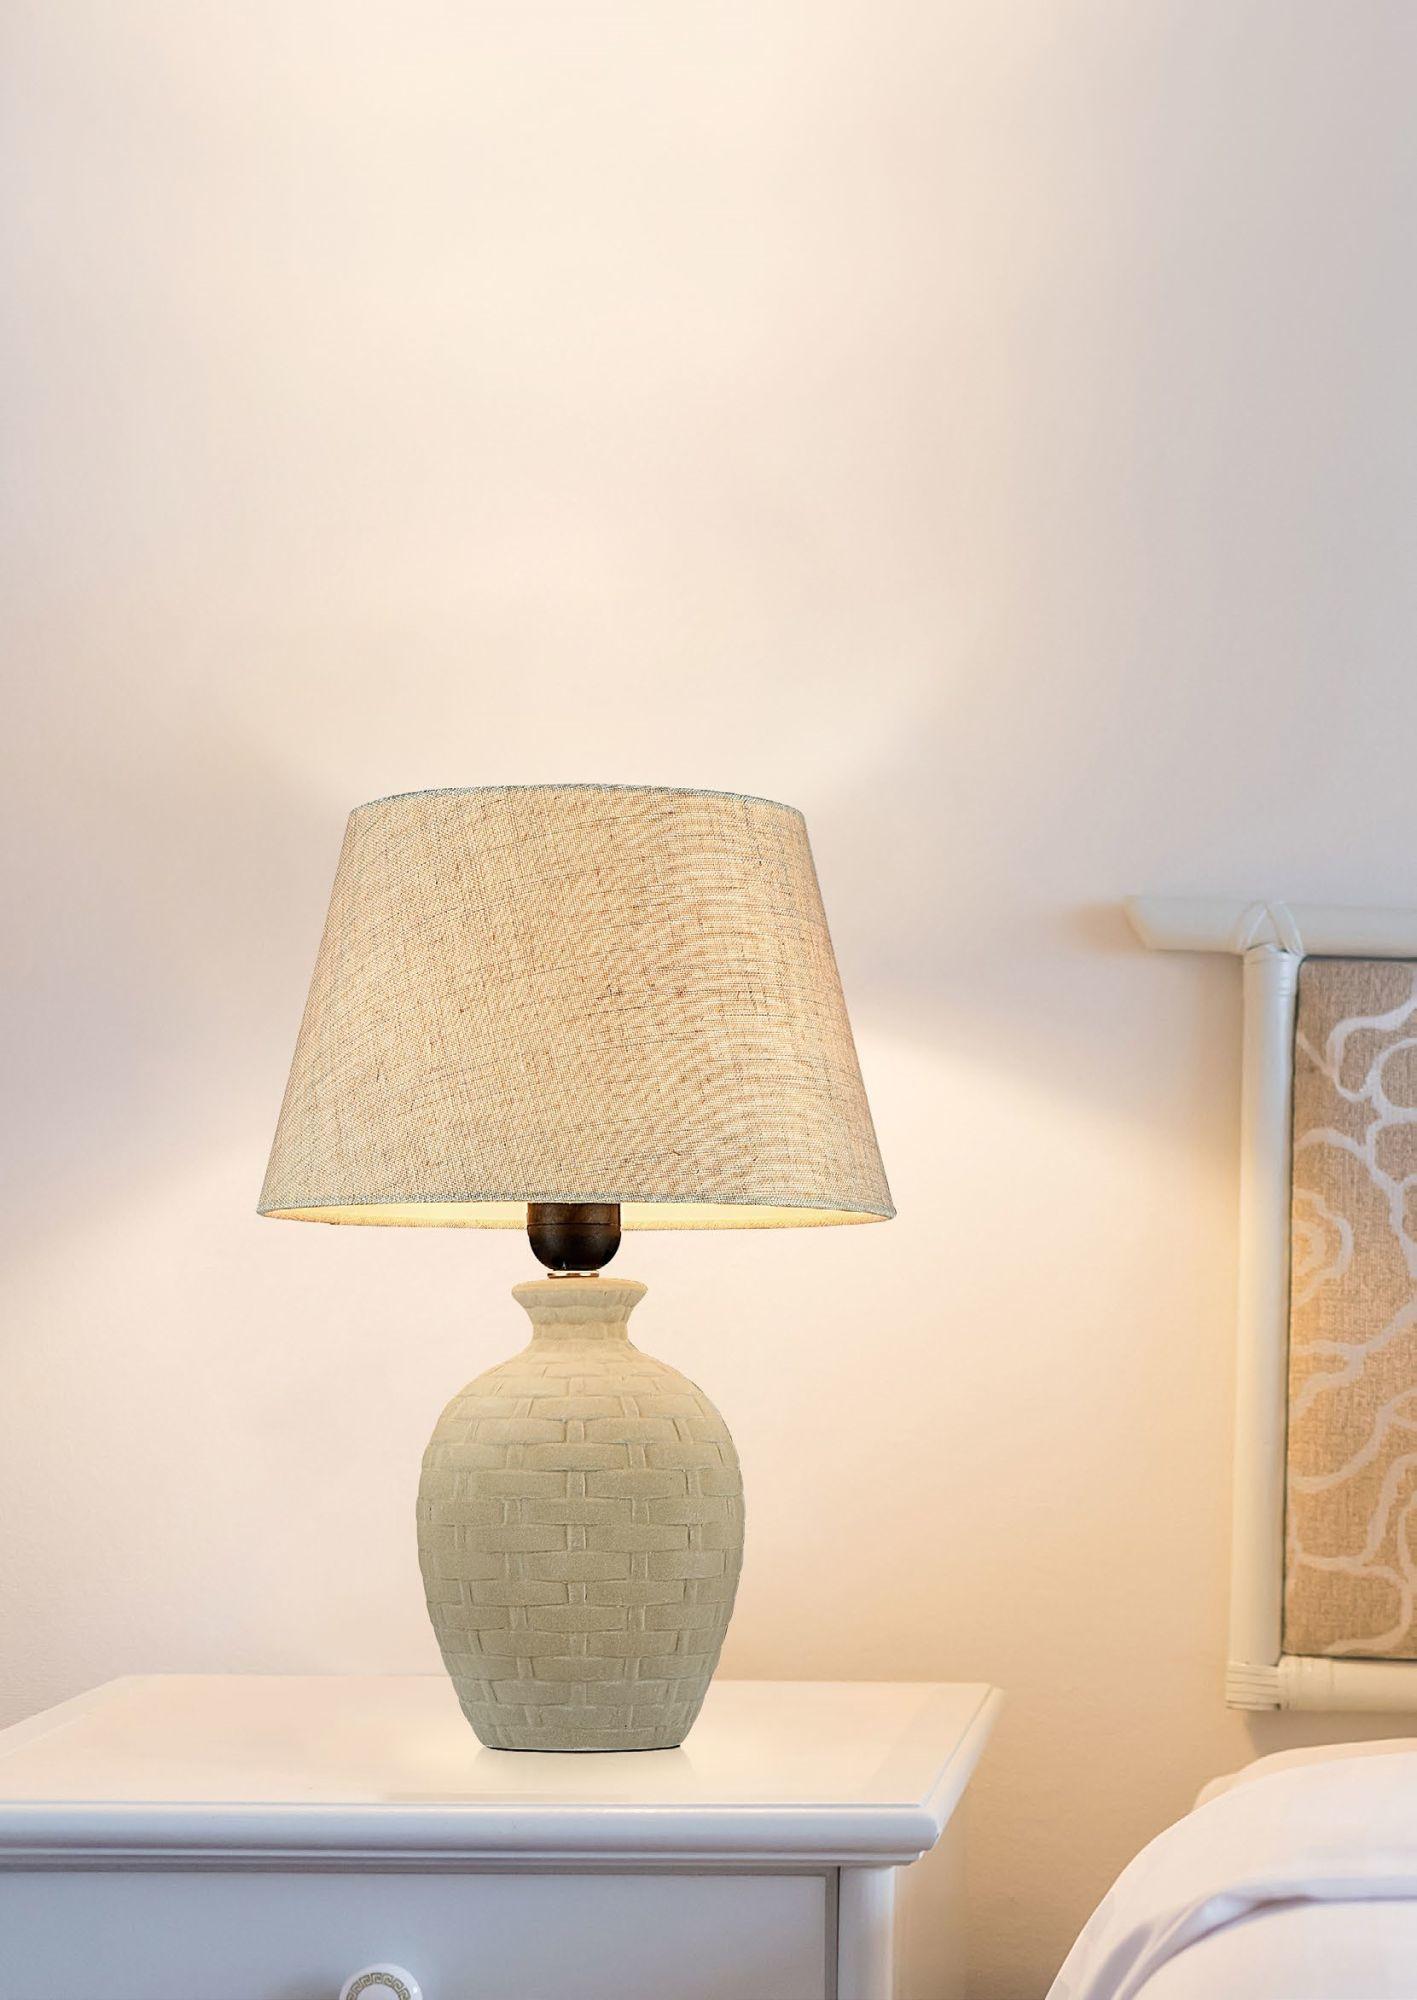 Настольная лампа Maytoni Adeline Z003-TL-01-W (mod003-11-w), 1xE27x60W, бежевый, керамика, текстиль - фото 4